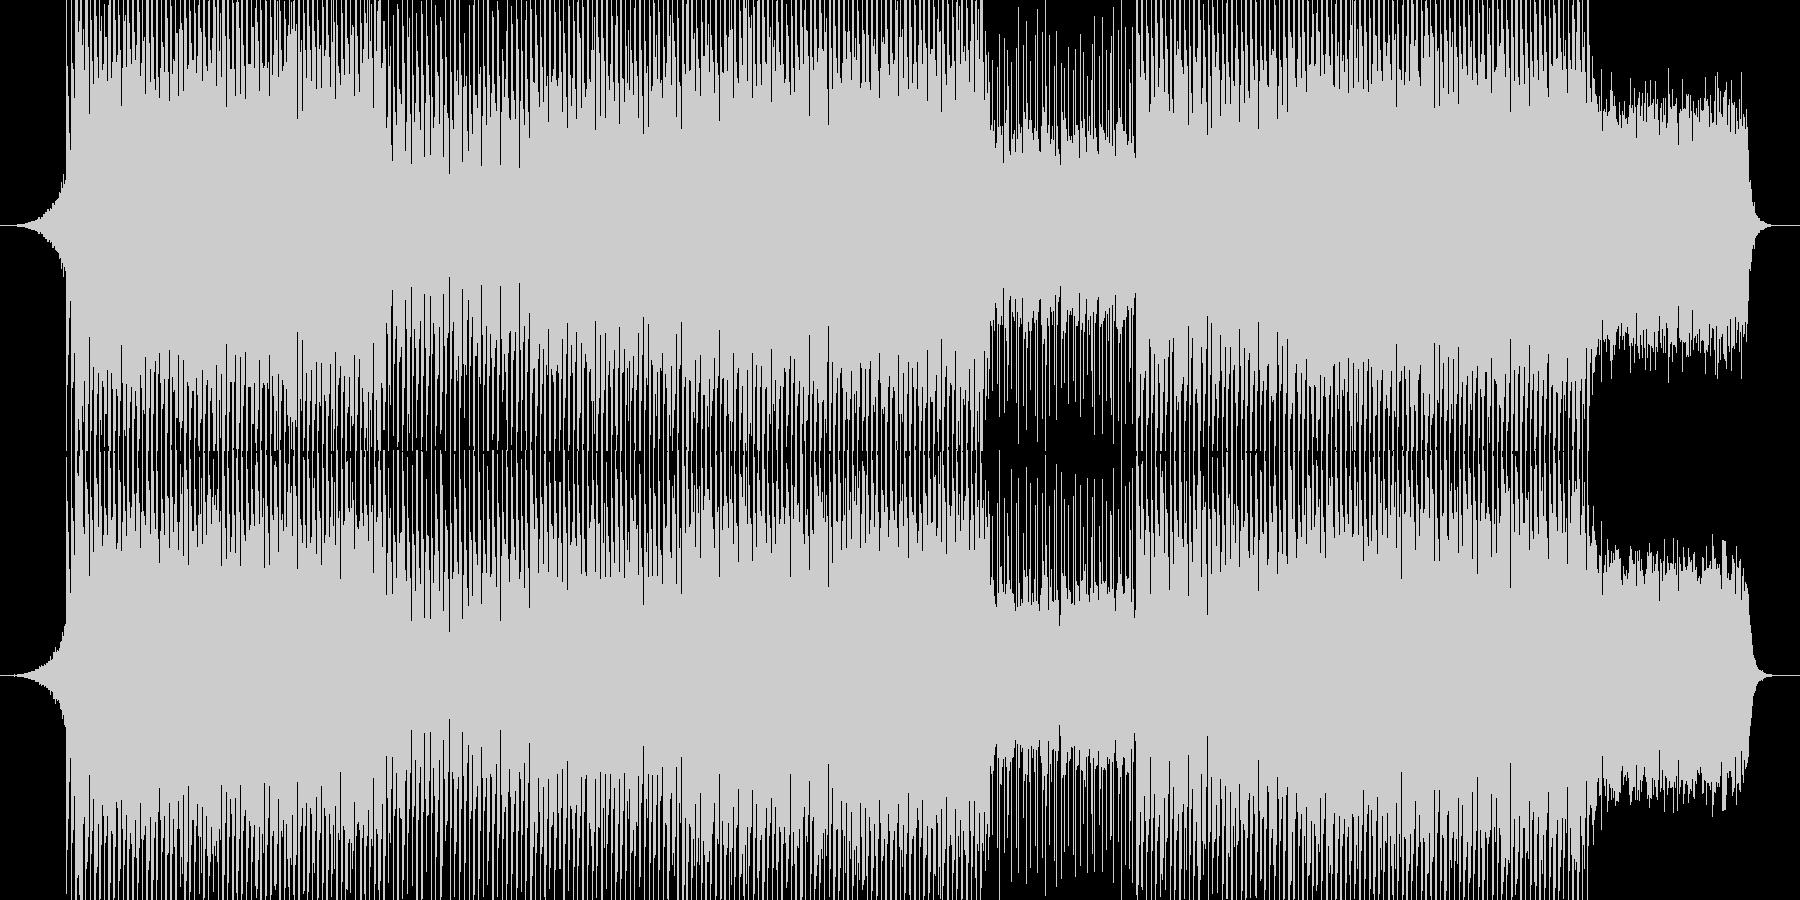 EDM明るいクラブ系キラキラシンセ-04の未再生の波形